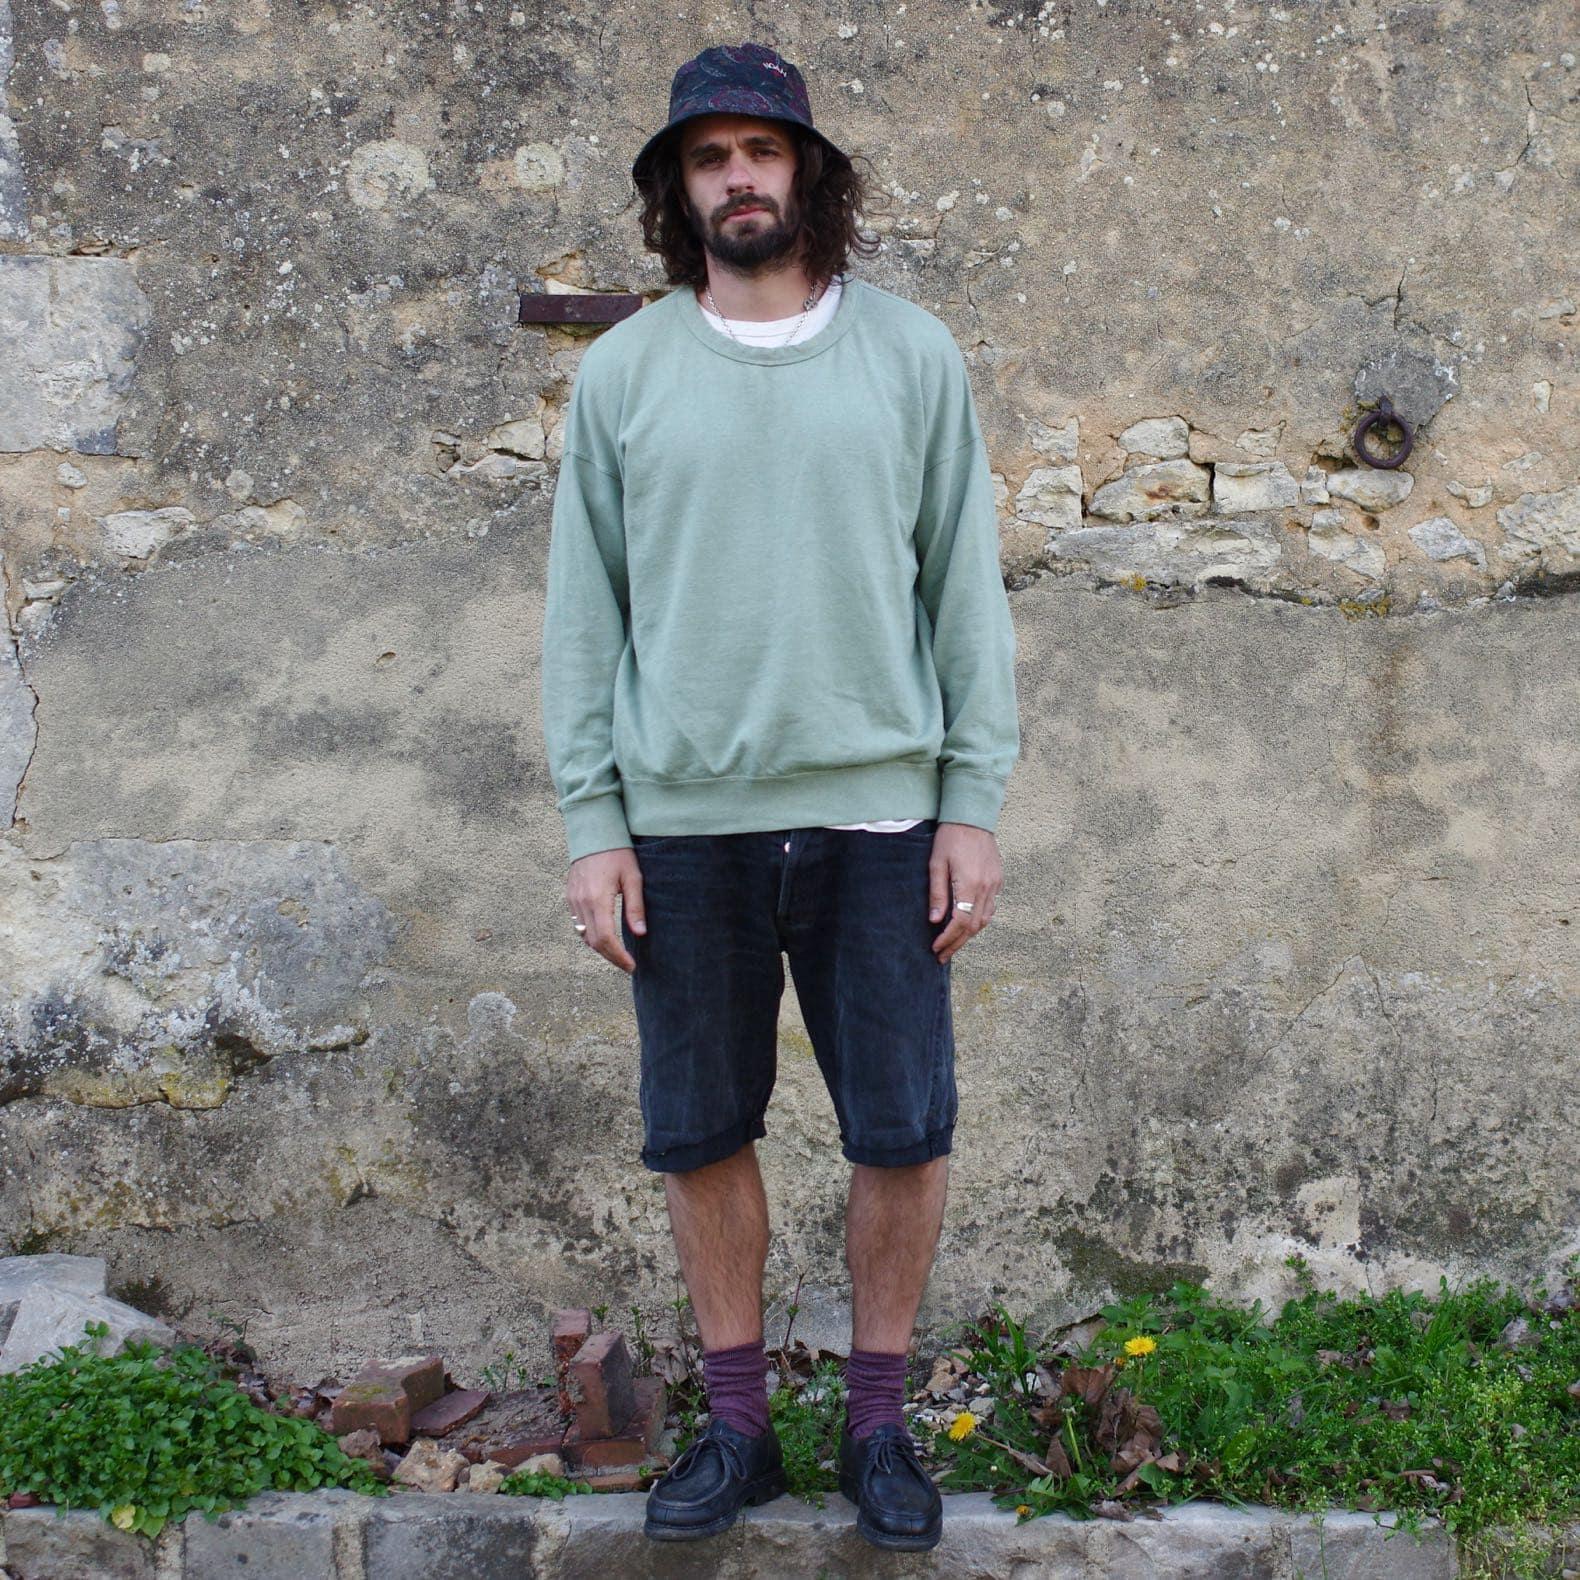 tenue pour homme de printemps aevc bob barbour noah un sweat vert un short et une paire de paraboot michael noire